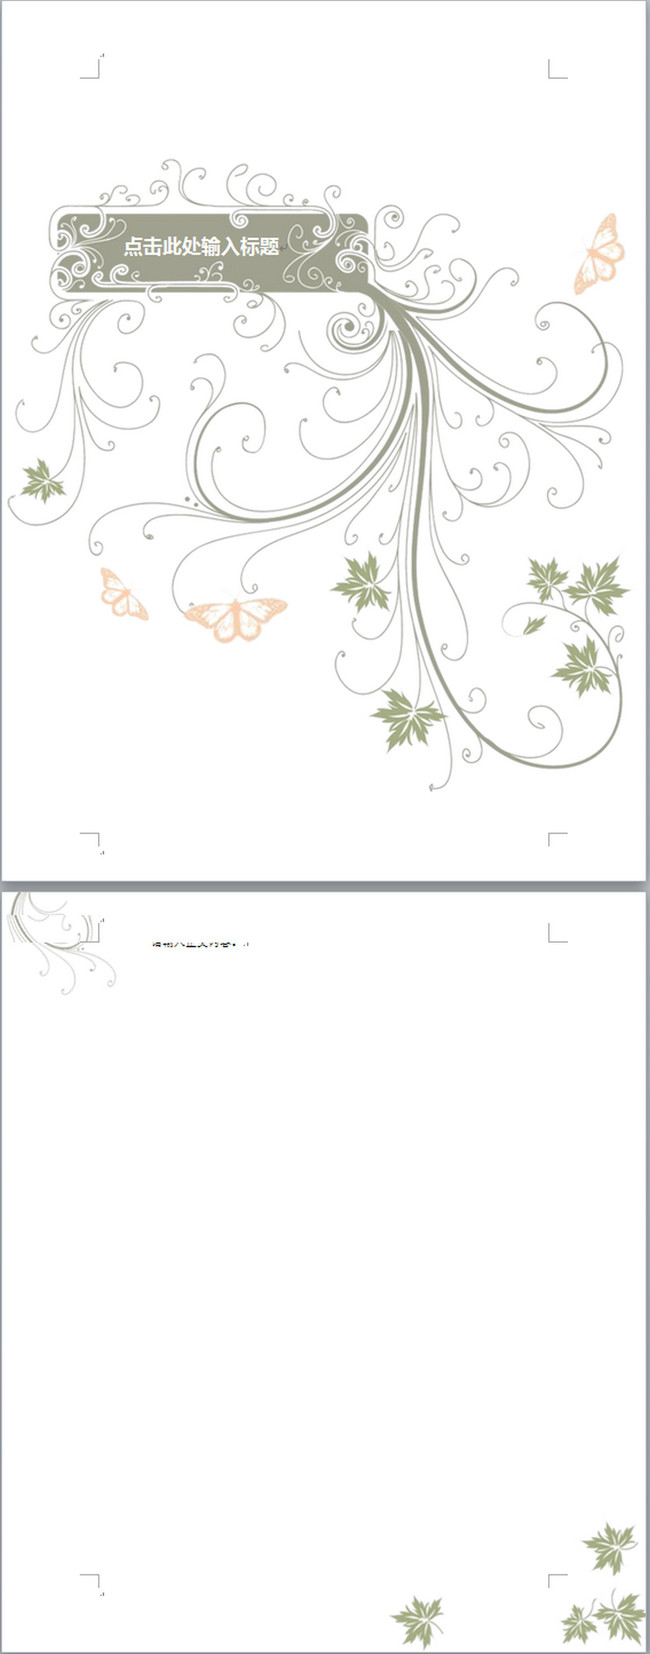 a4信纸背景 信纸设计素材 word2003信笺纸 信纸信封信纸漂亮信纸企业